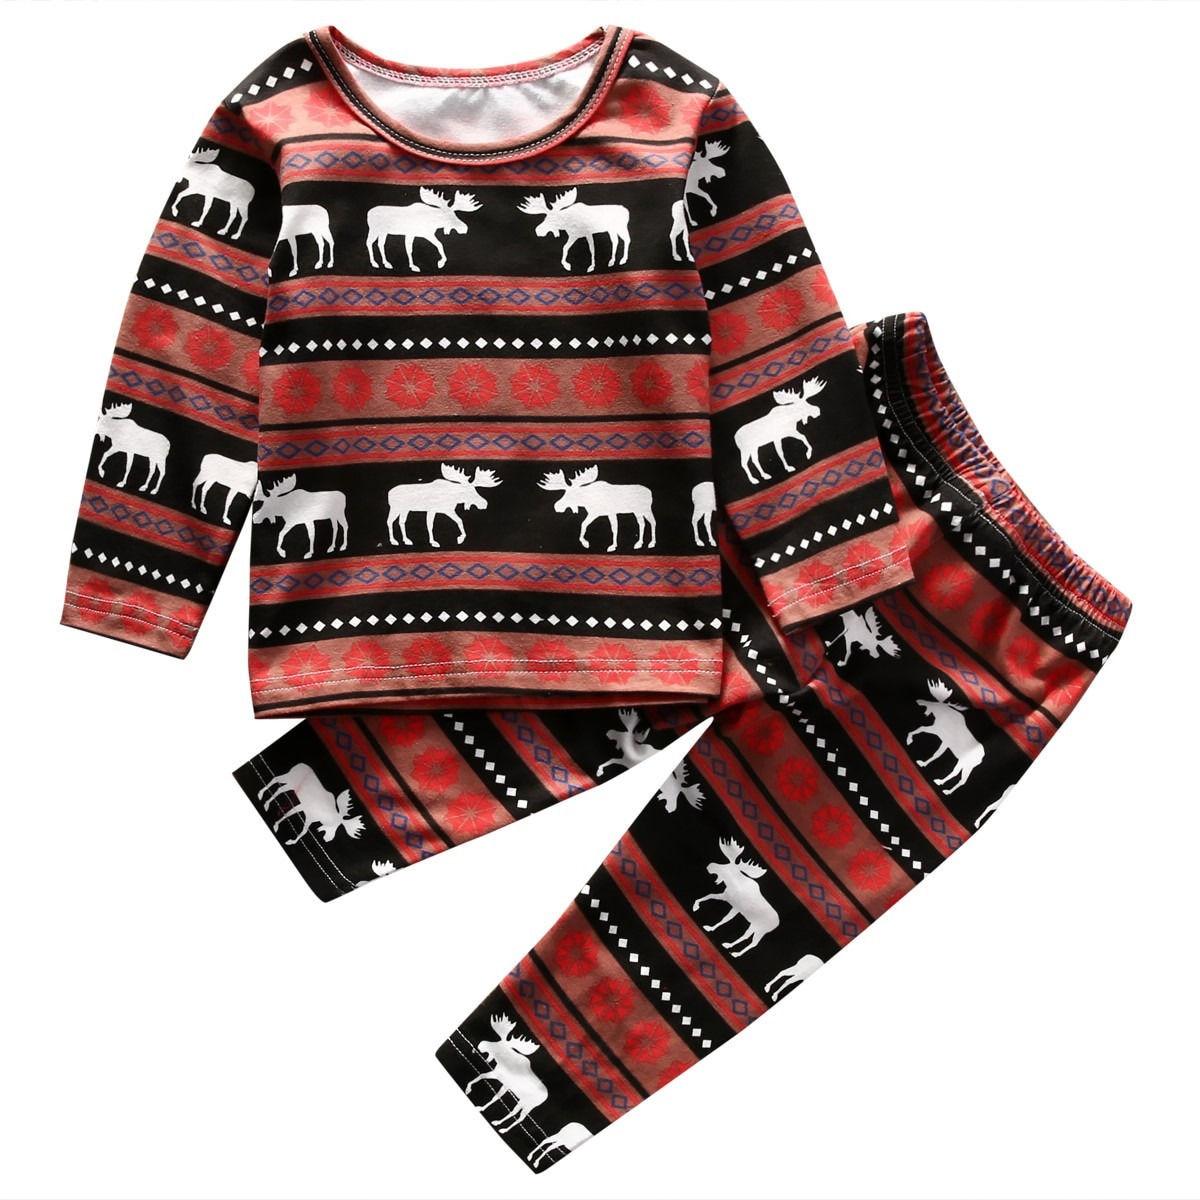 2pcs!!Christmas Kids Girls Boys Reindeer Long Sleeve Homewear Nightwear Sleepwear Pajamas Set 0-3T